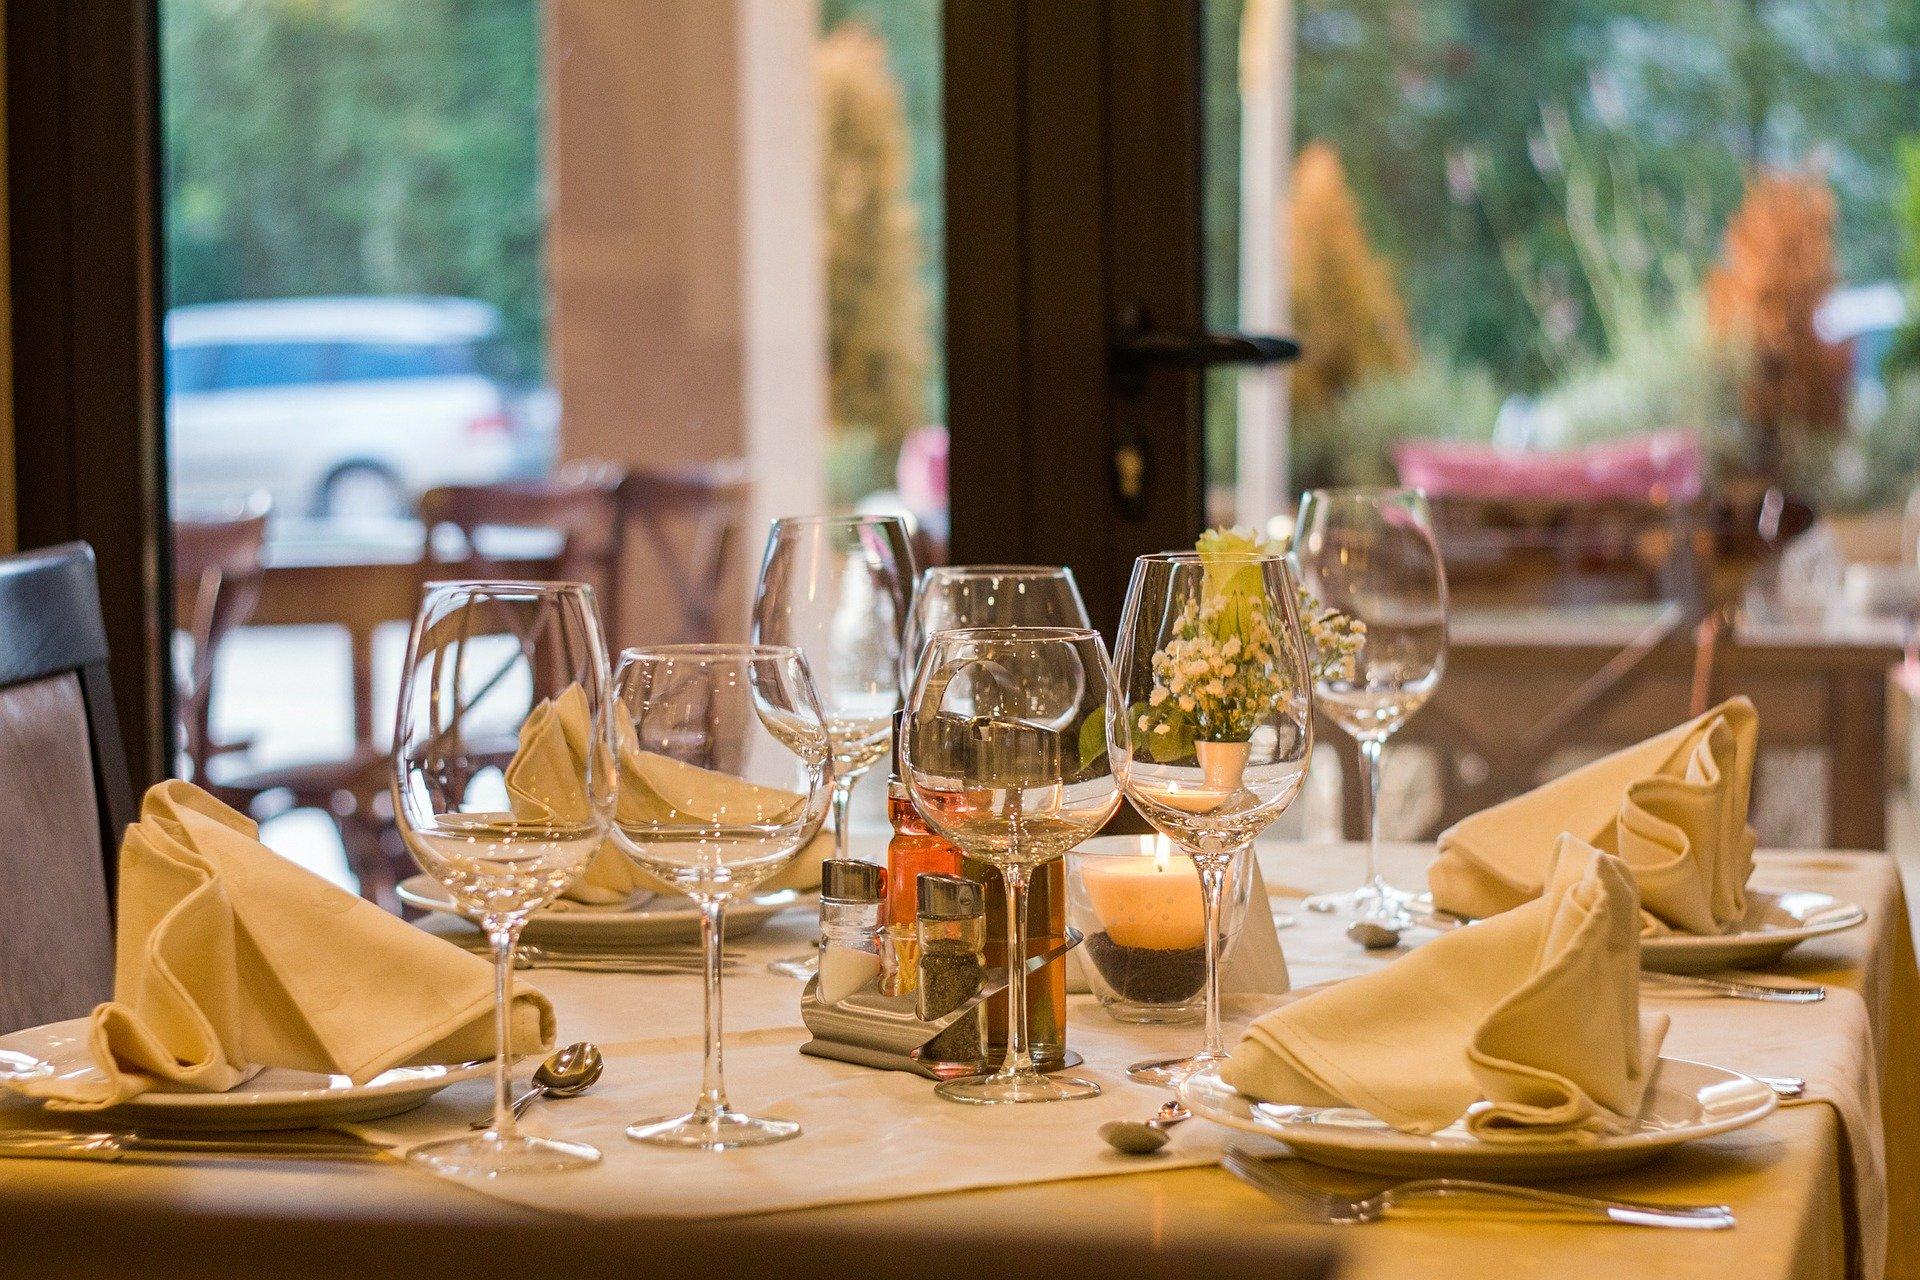 Bars & Restaurants_3dmellon